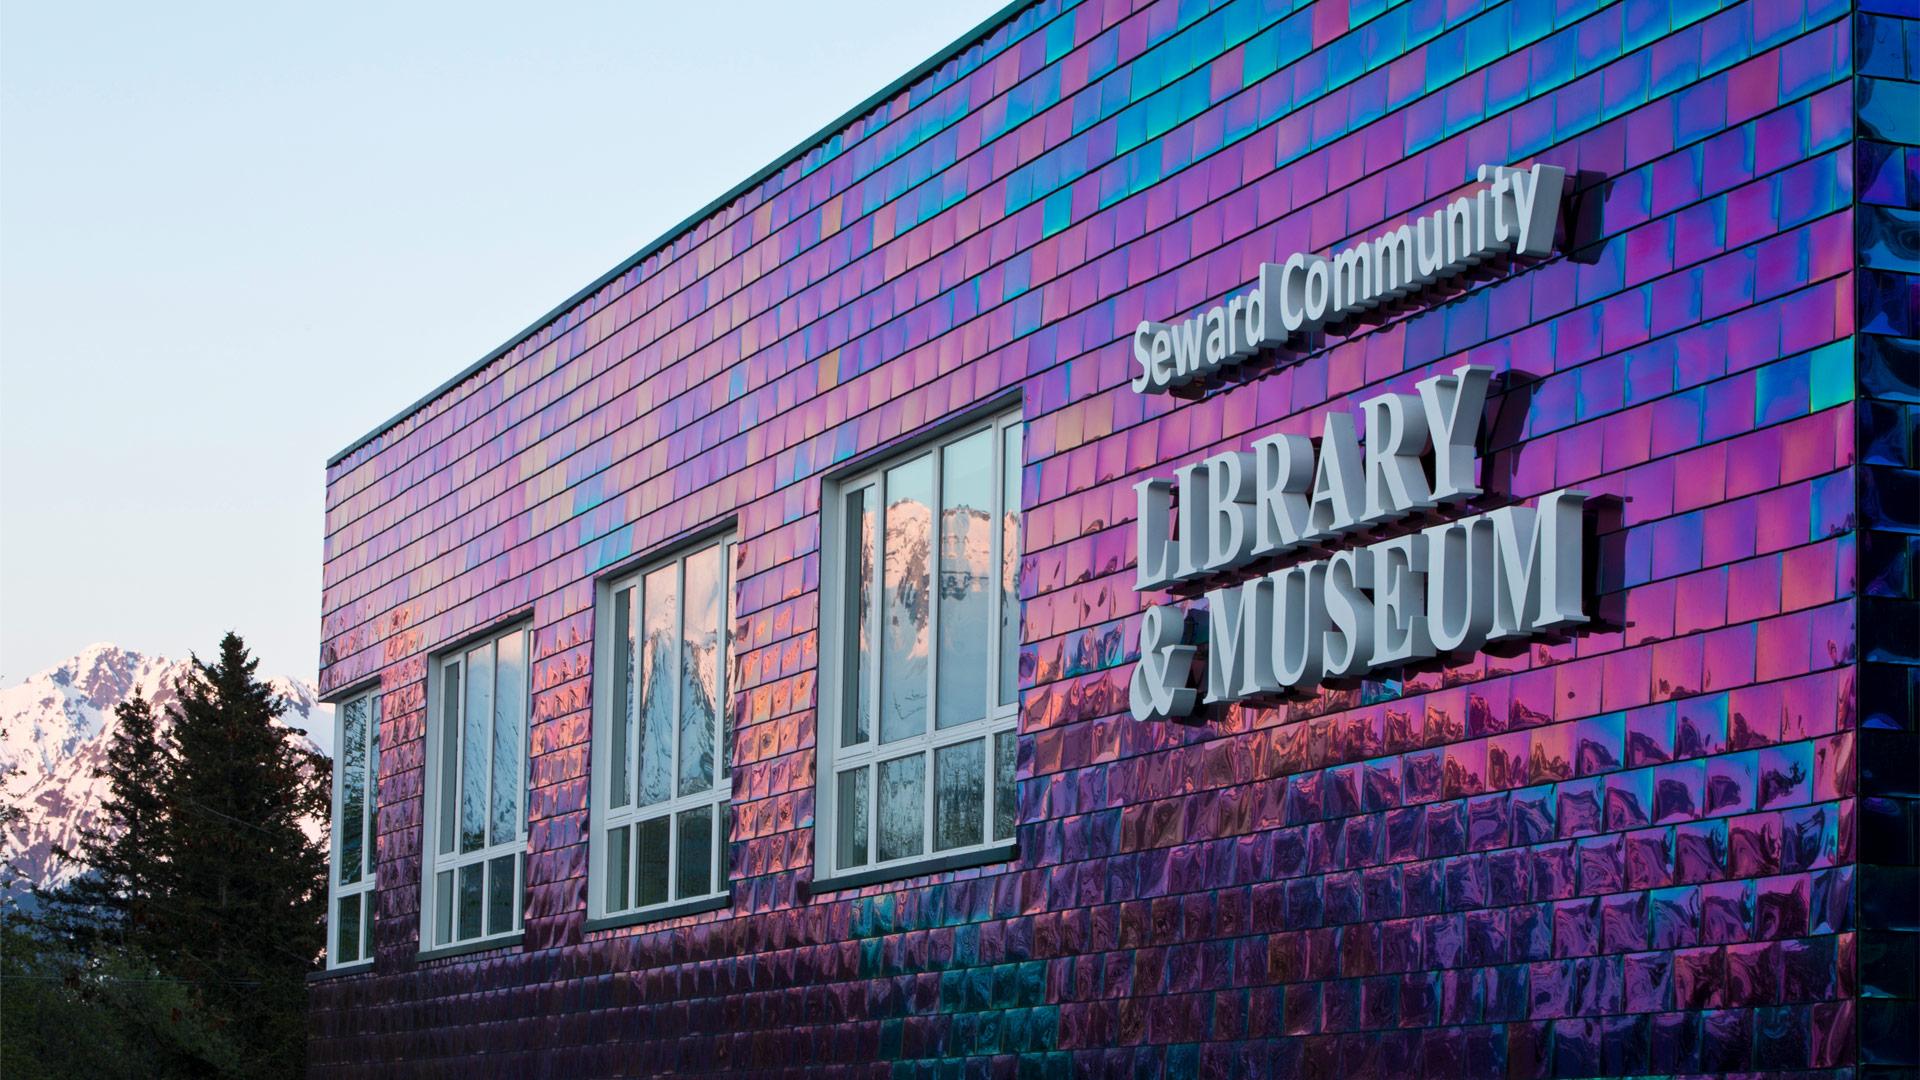 Seward Public Library